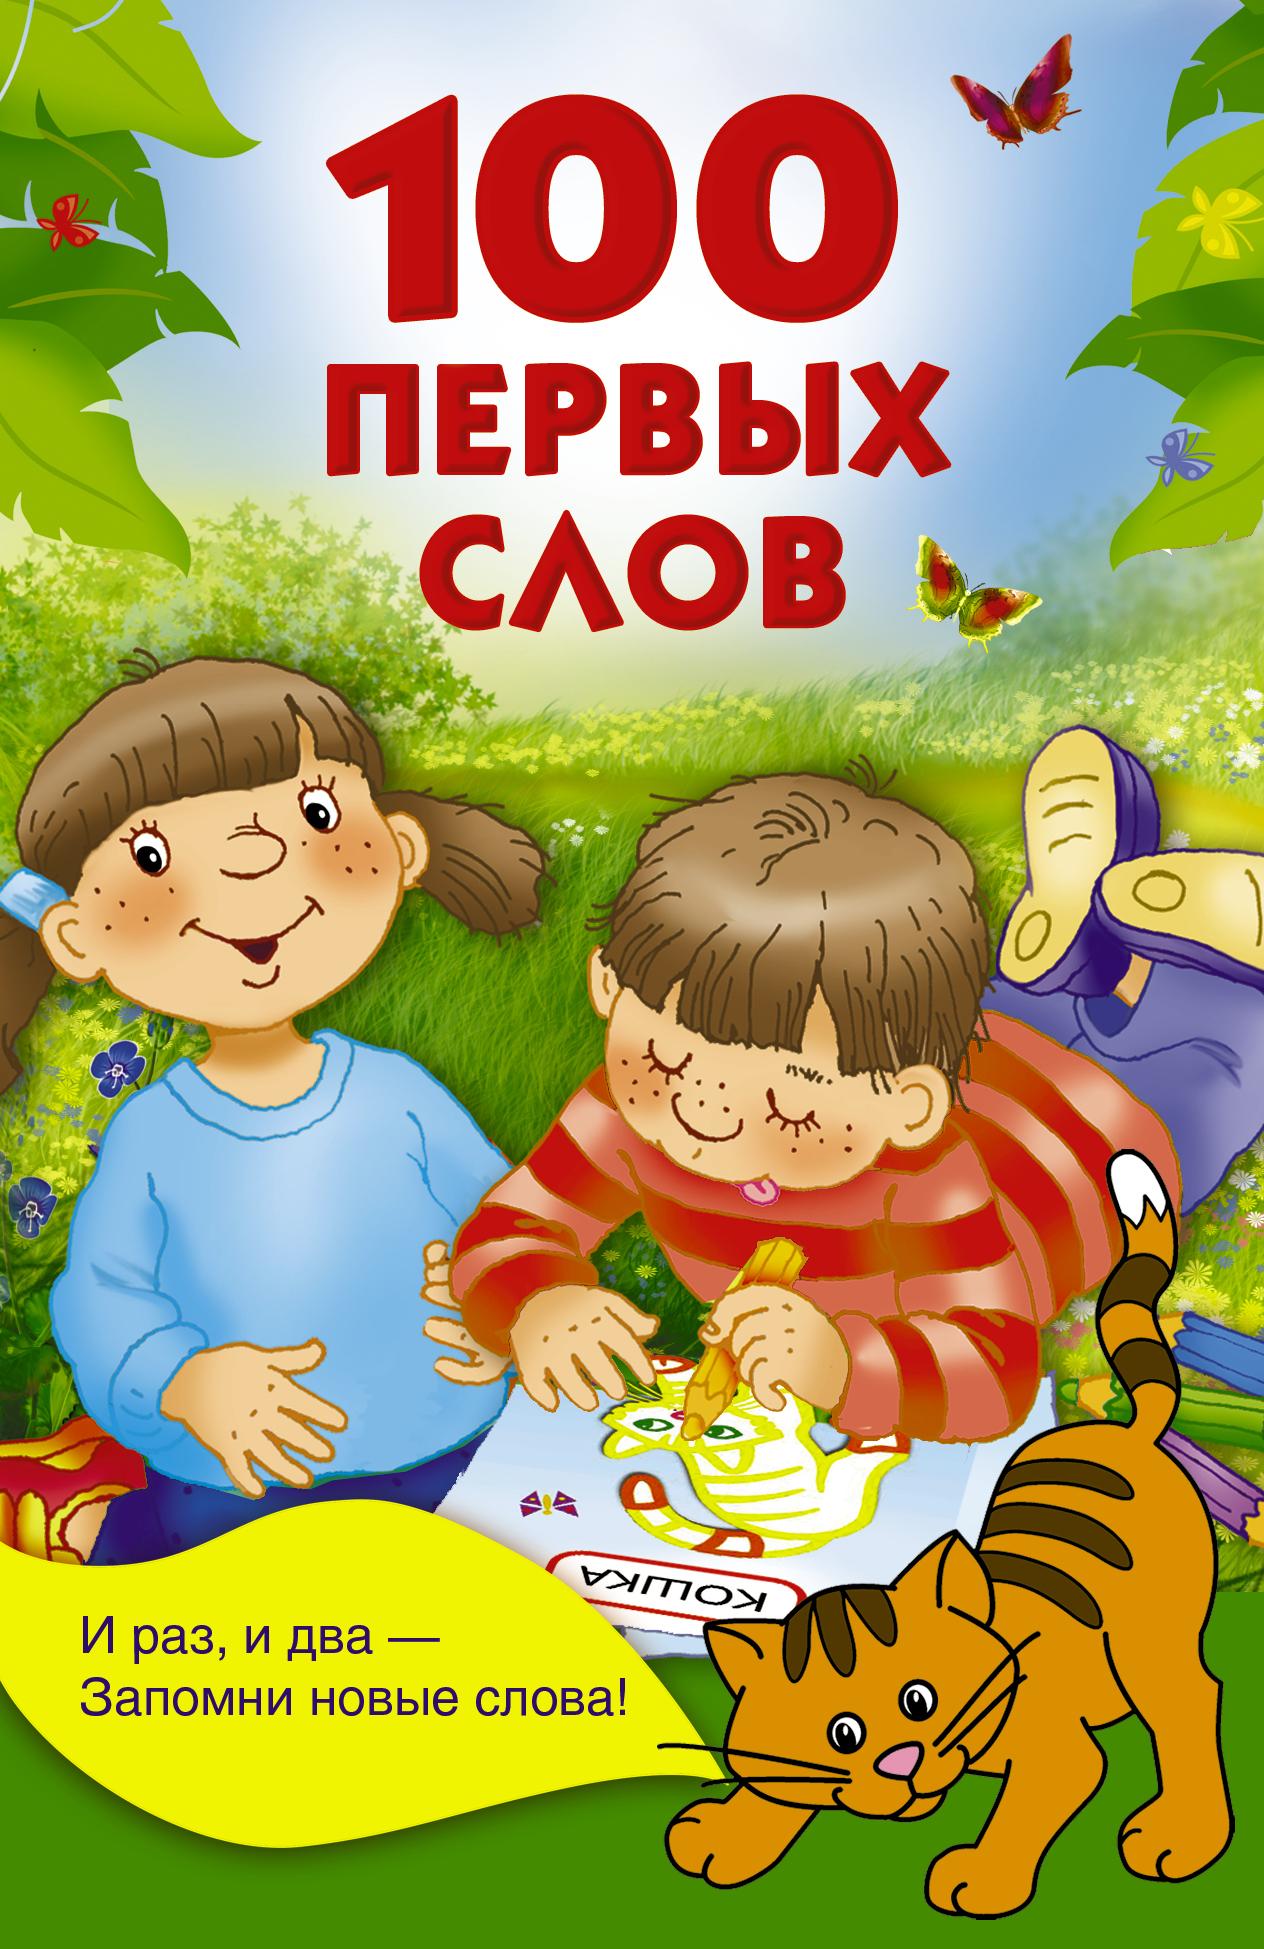 Дмитриева В.Г. 100 первых слов третьякова а и моя книга первых слов